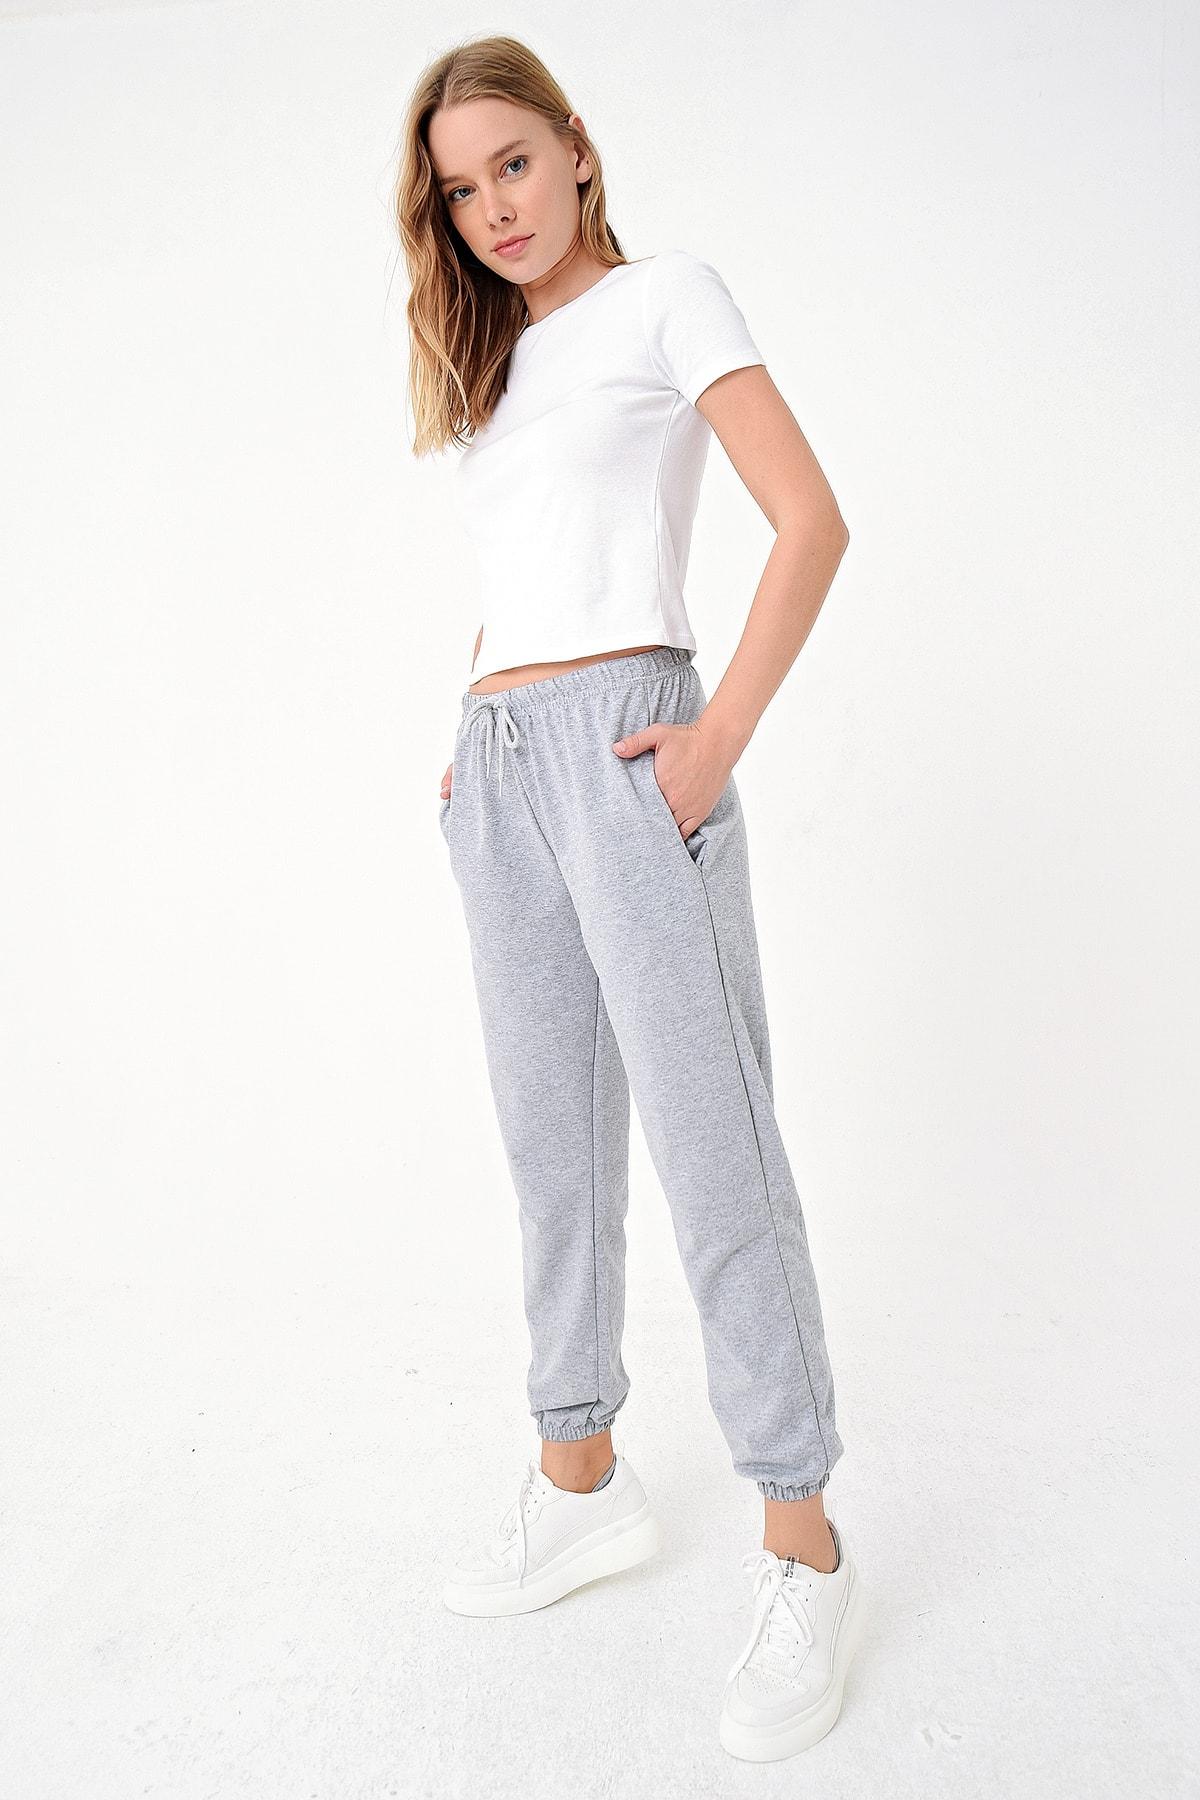 Trend Alaçatı Stili Kadın Grimelanj Paçası Lastikli İki İplik Eşofman Altı ALC-Y2933 2